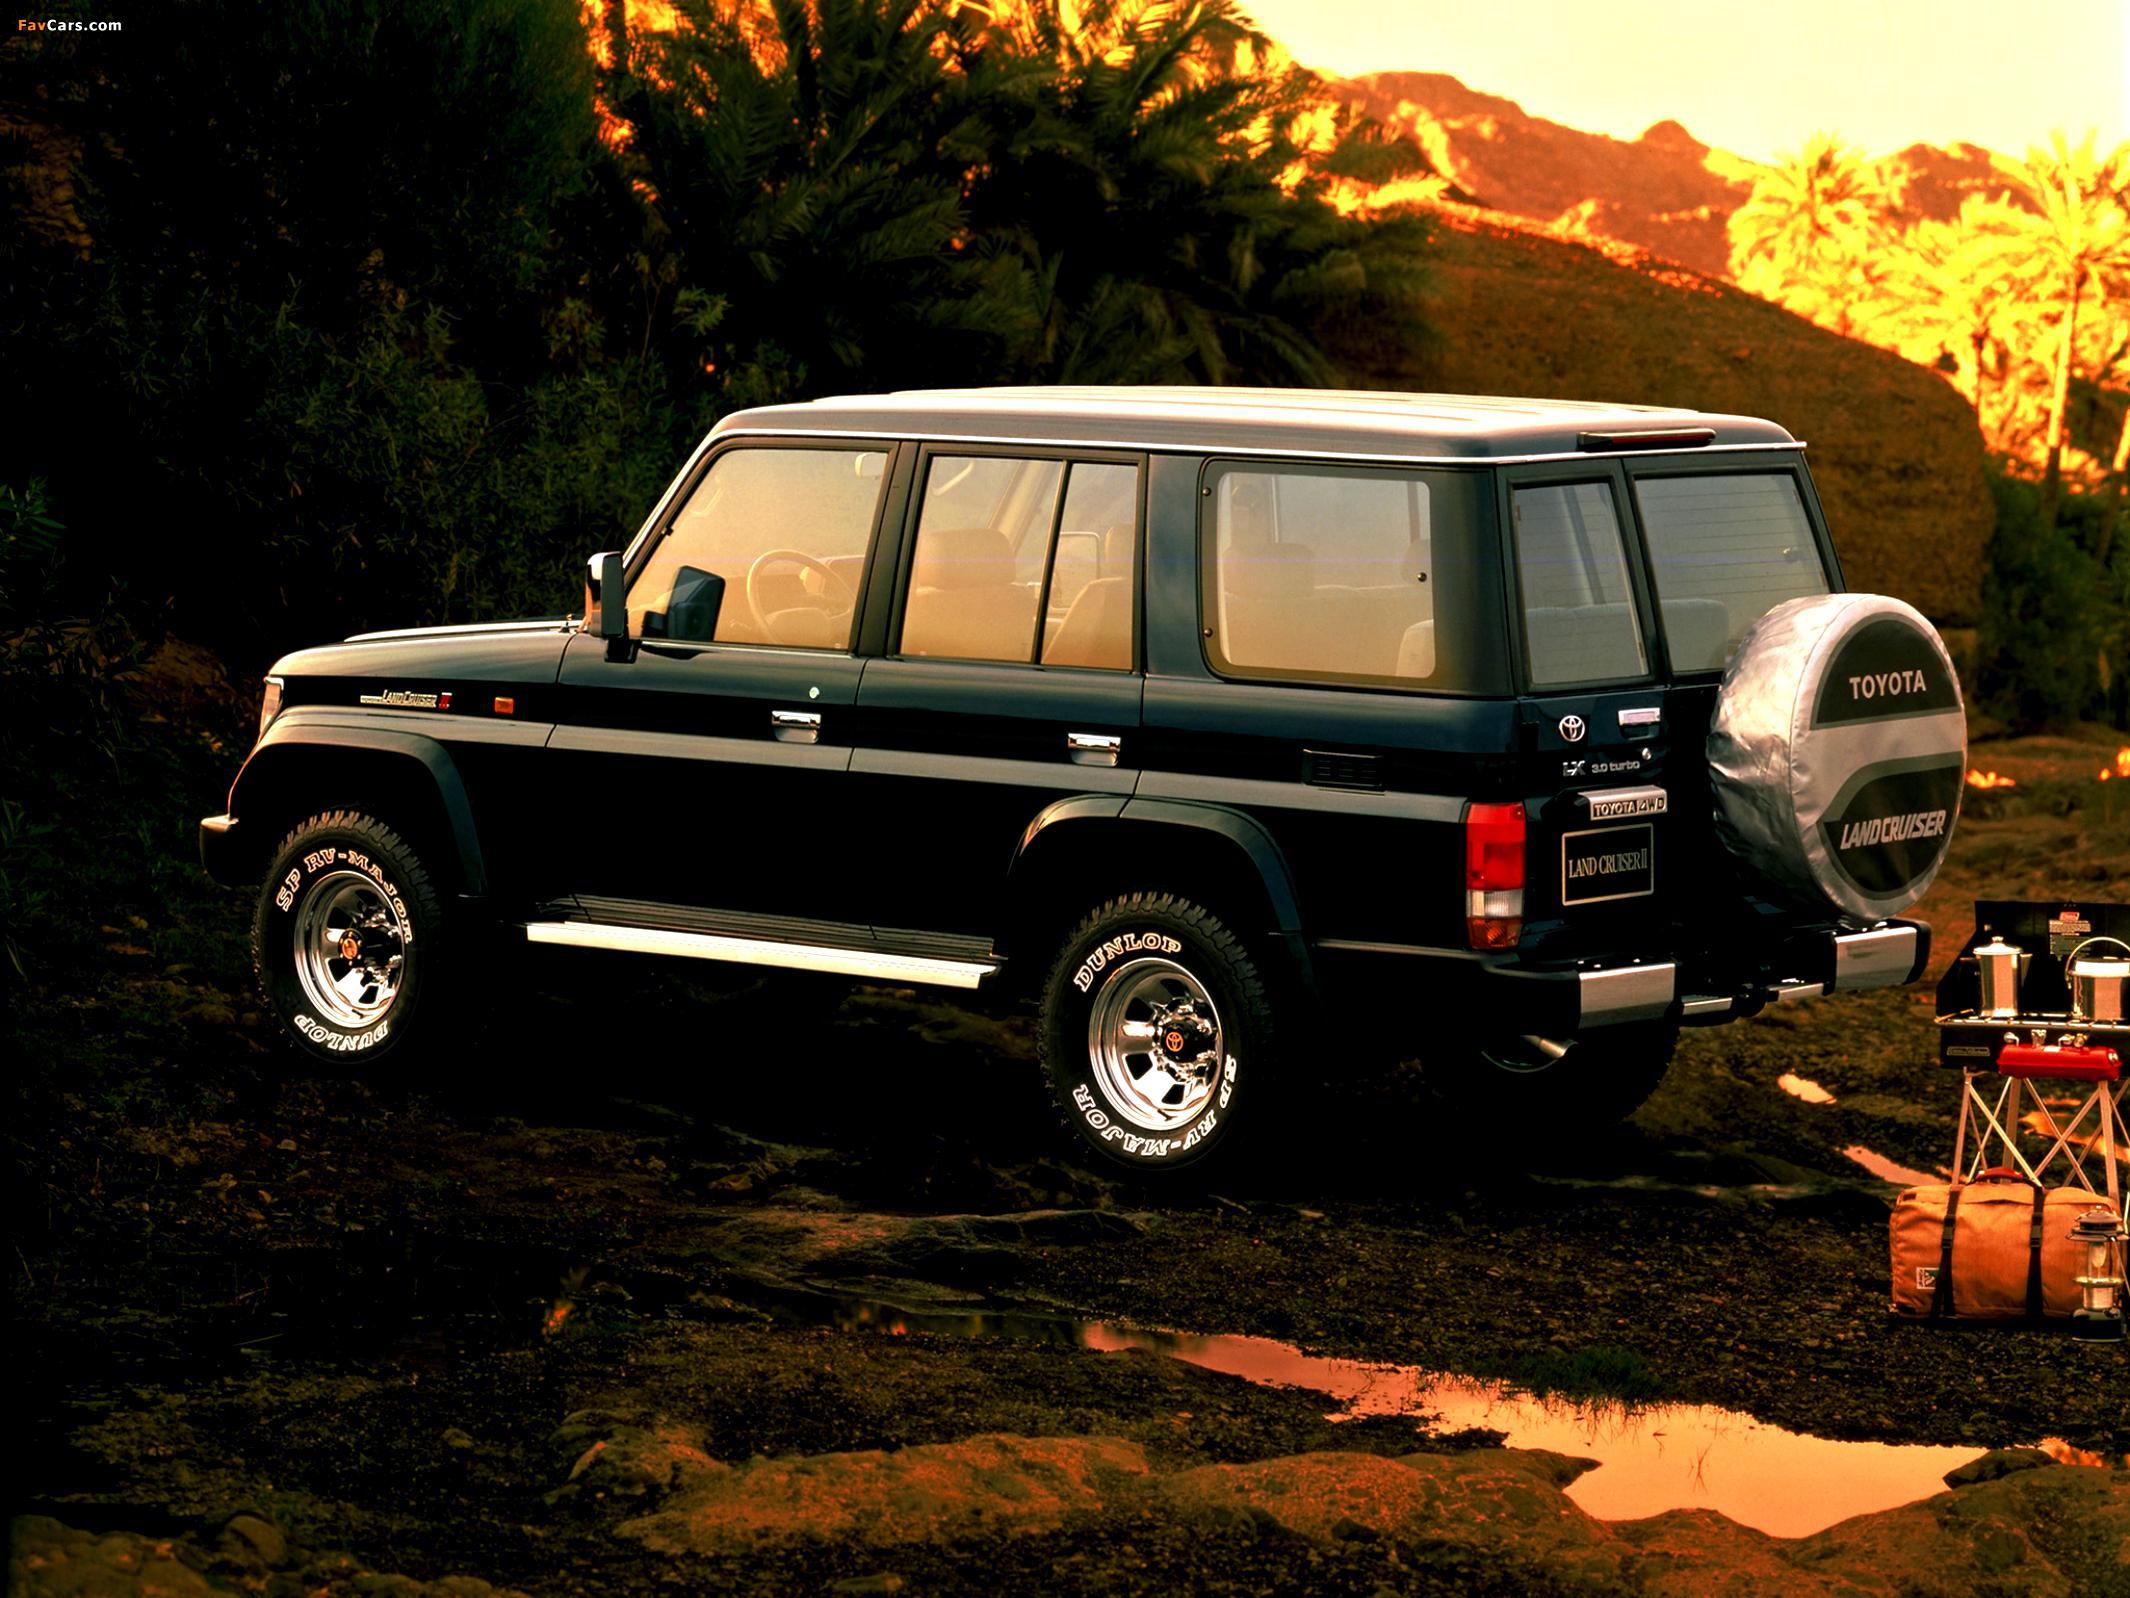 toyota fj70 news autos post toyota 1kz engine repair manual toyota 1kz-te engine repair manual download